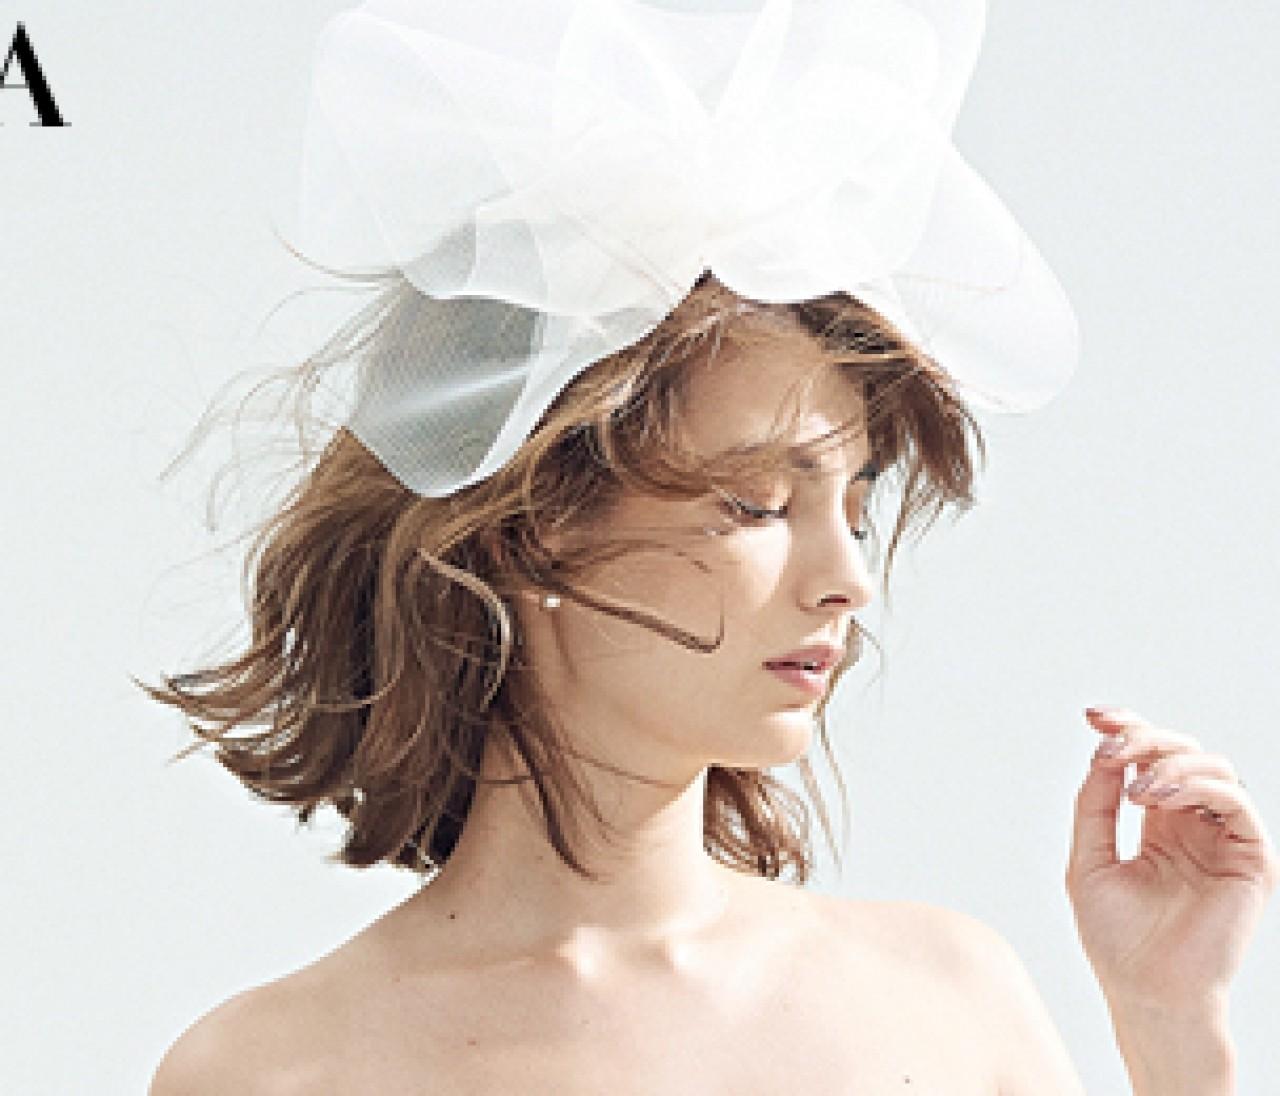 カジュアルに楽しむ白ドレスは個性派な【白小物】で自由に飾って